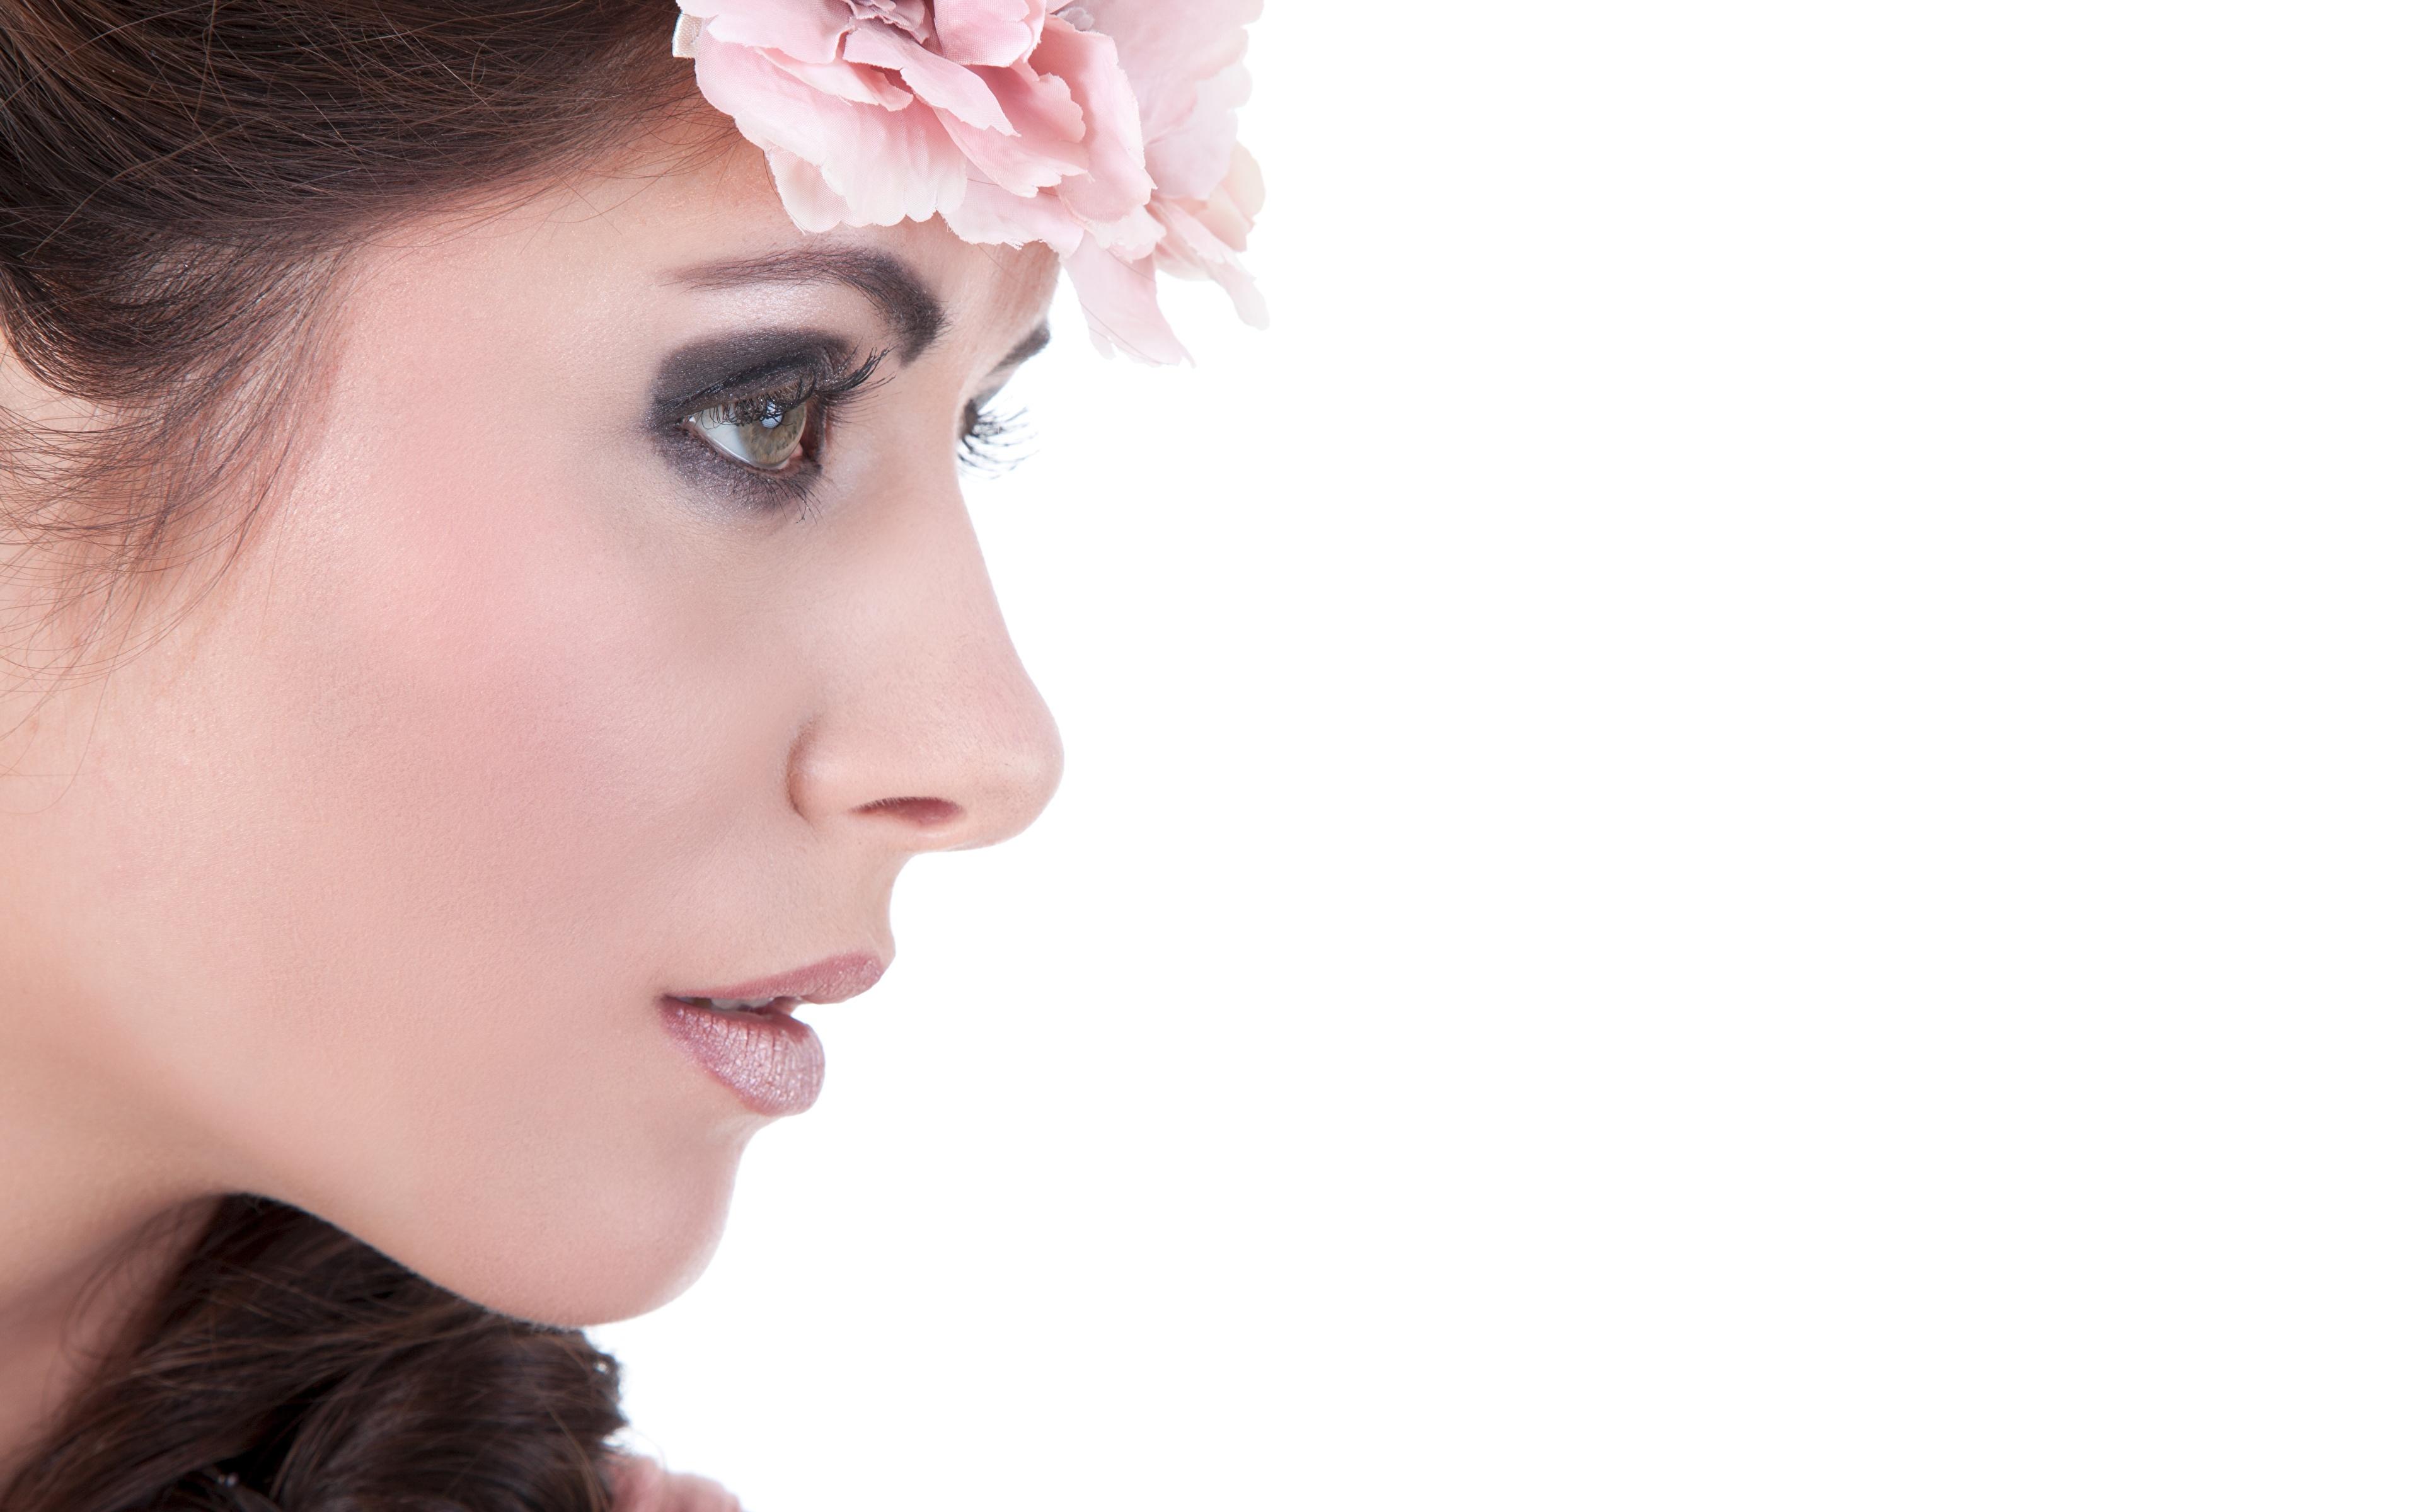 Fotos von Model Schminke Kranz Gesicht junge Frauen Weißer hintergrund 3840x2400 Make Up Mädchens junge frau